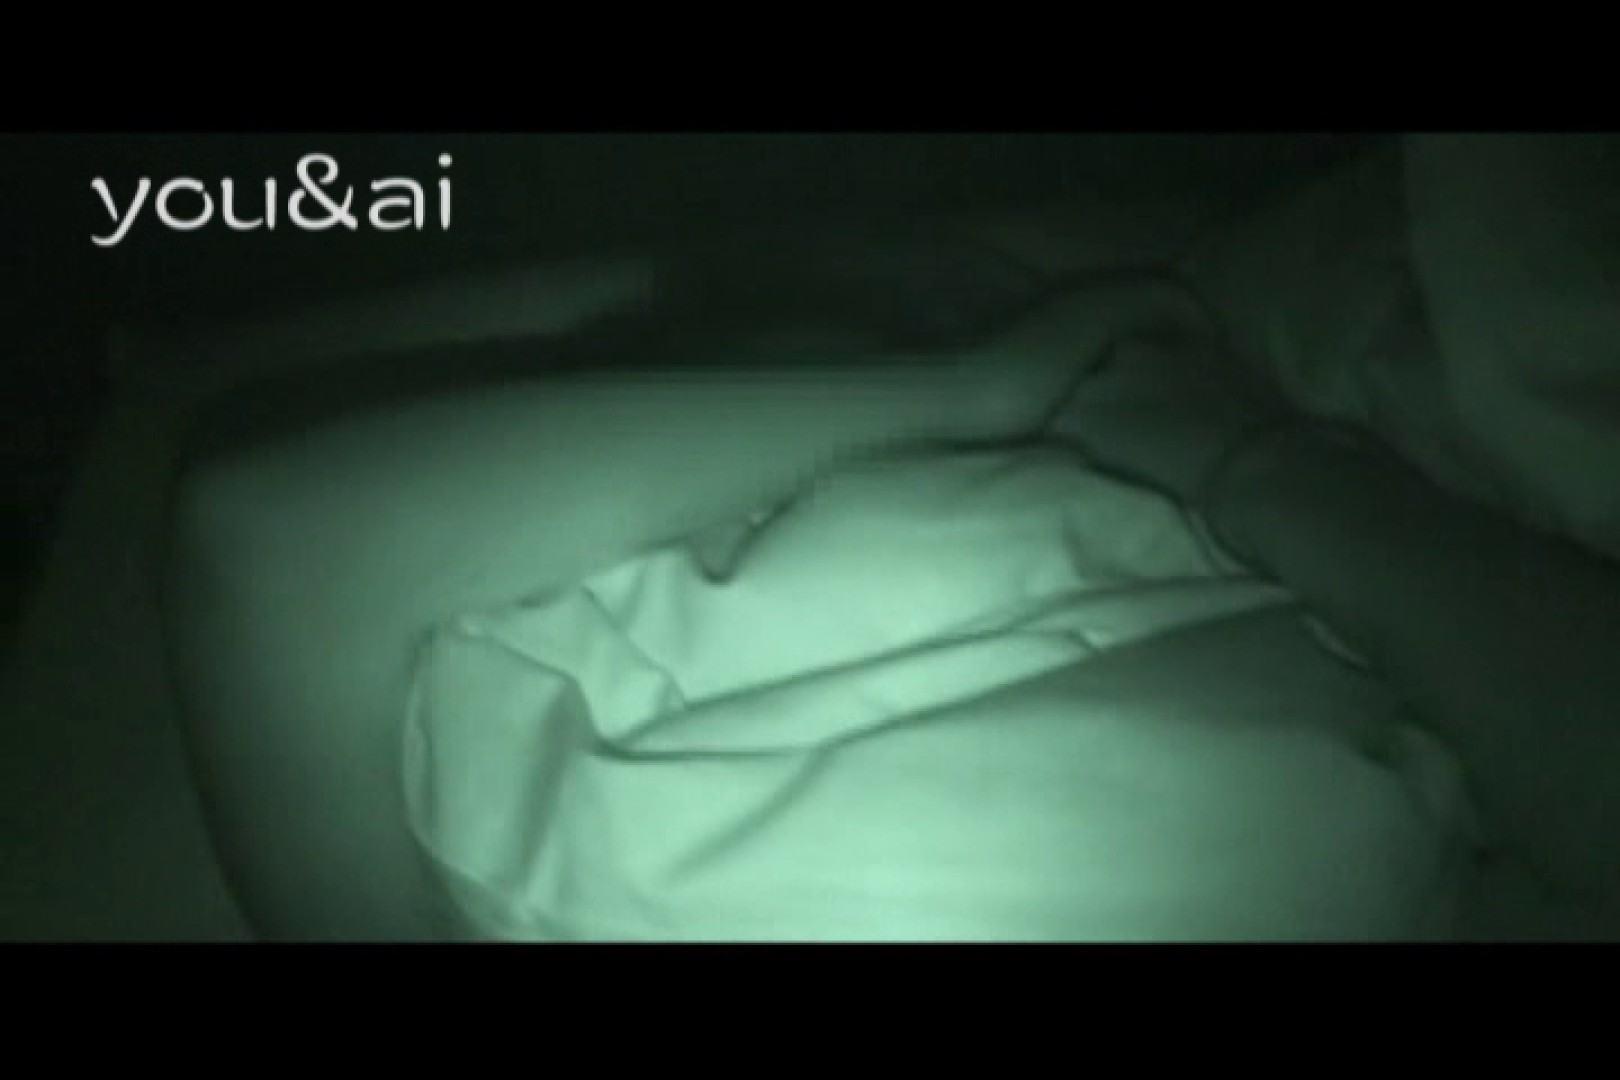 おしどり夫婦のyou&aiさん投稿作品vol.13 素人丸裸 おめこ無修正動画無料 92pic 89